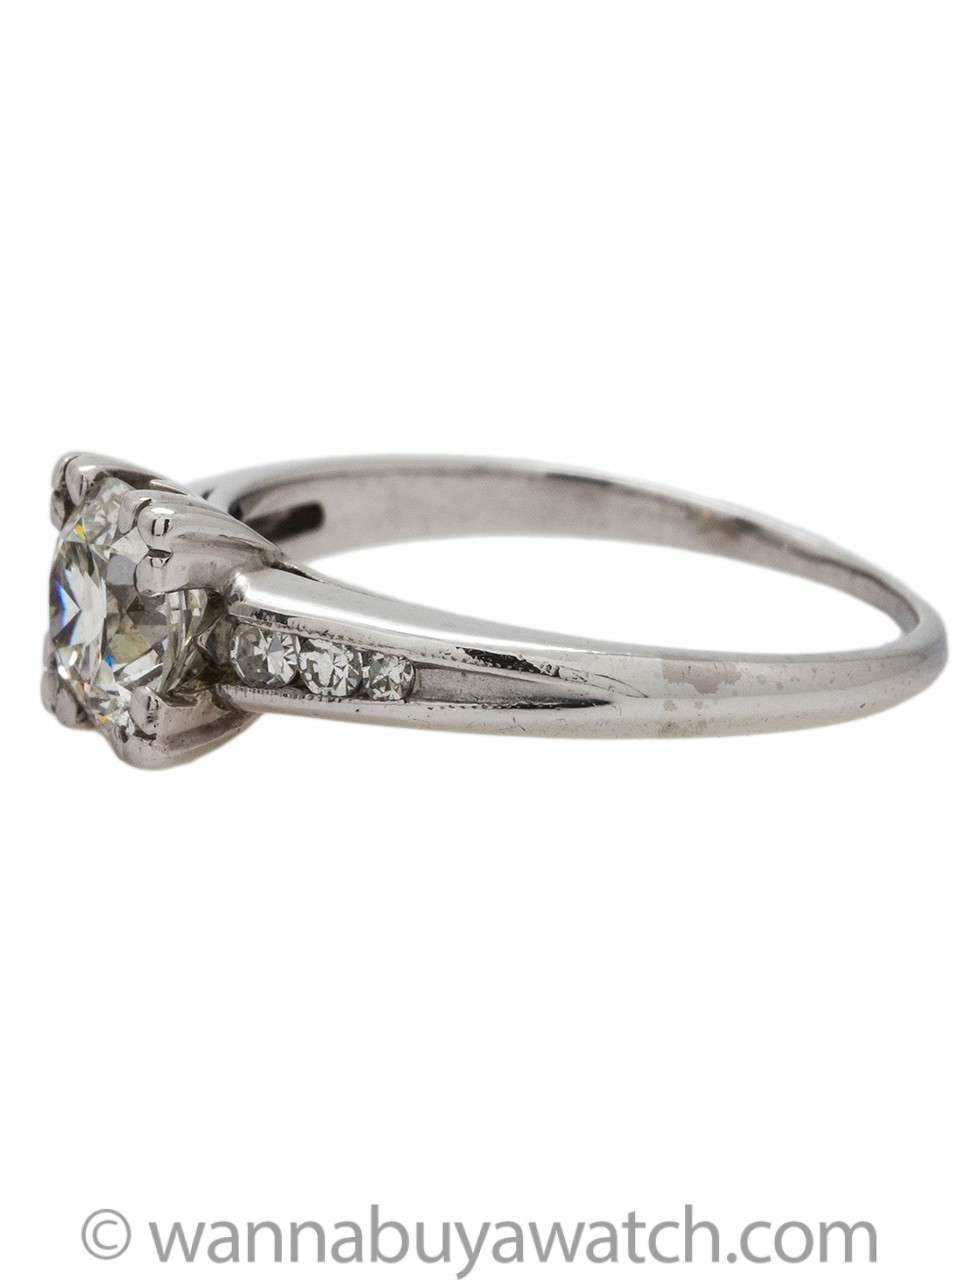 Vintage Diamond Engagement Ring Platinum 0.86ct Round Brilliant H-SI1 circa 1930s